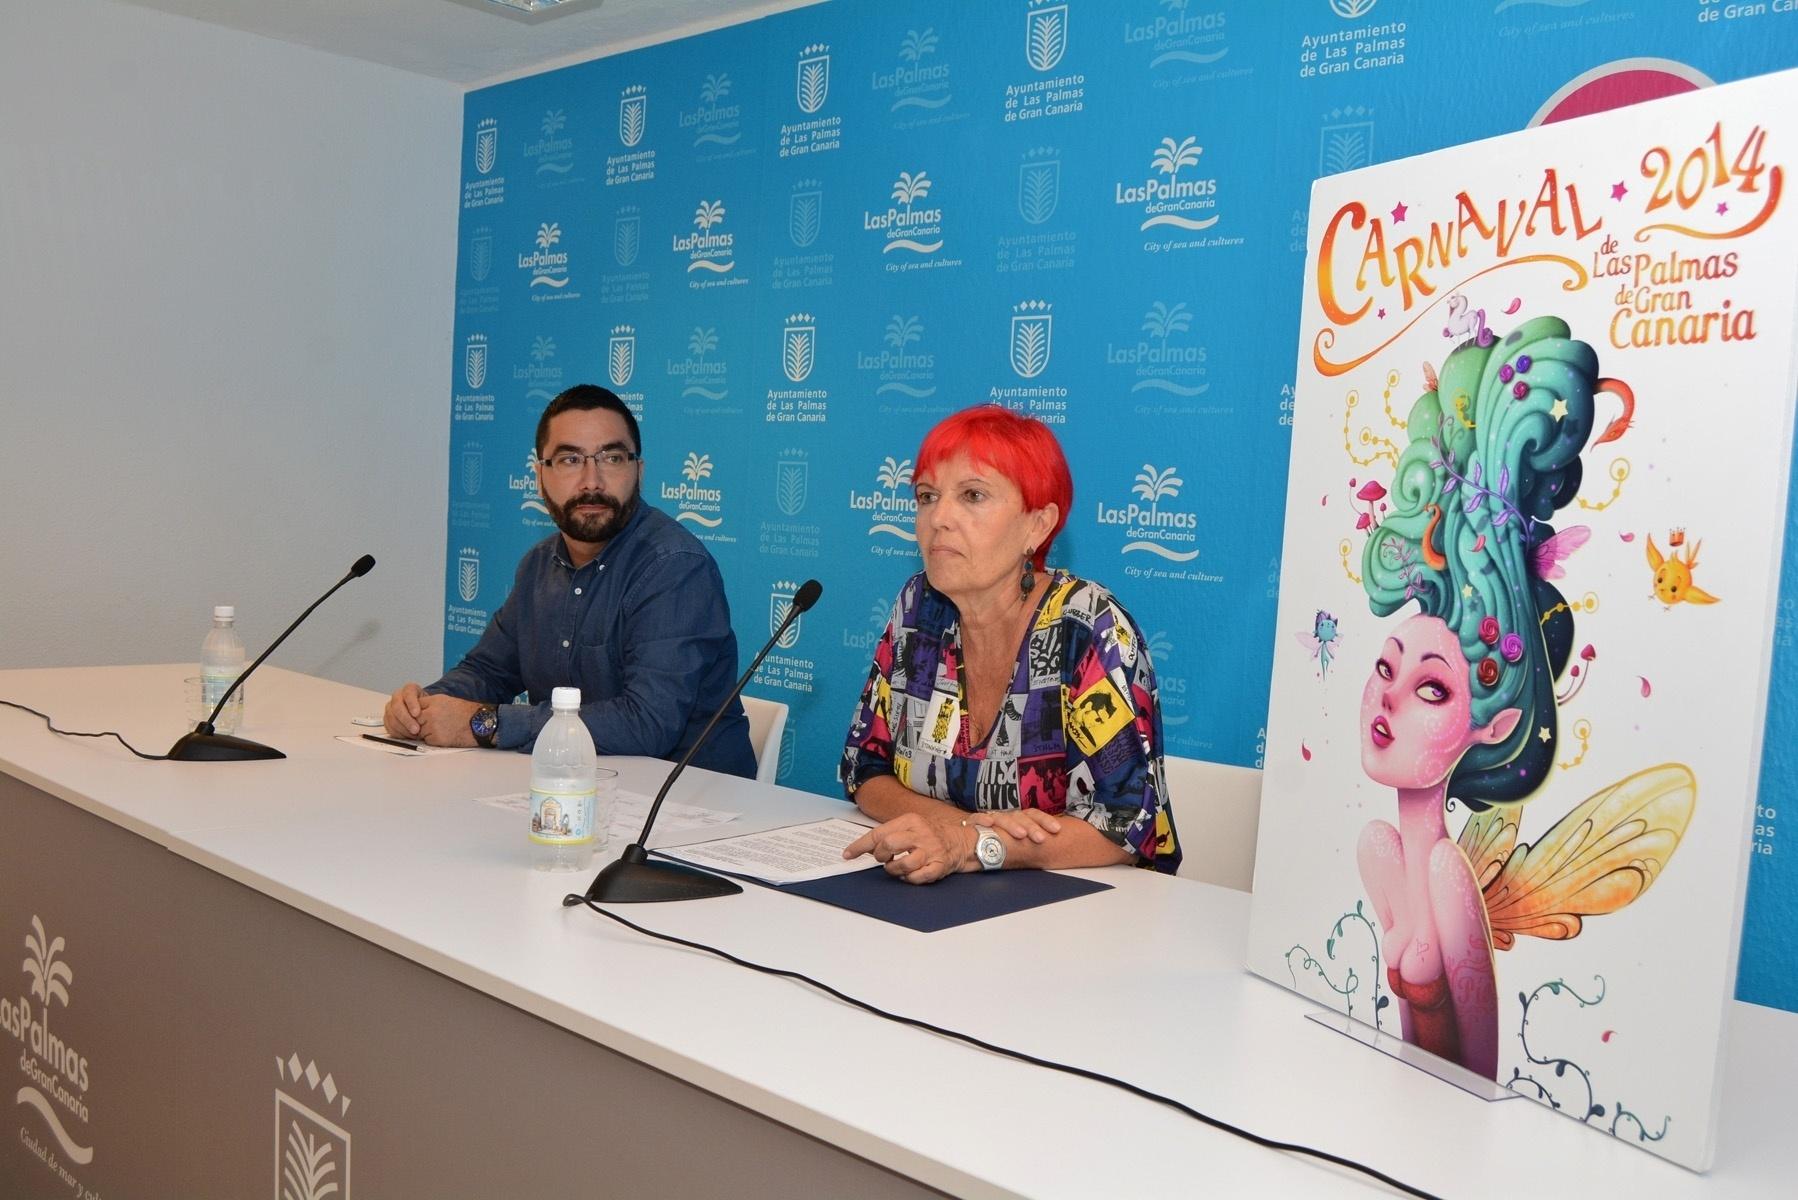 El Carnaval de Las Palmas de Gran Canaria tendrá 7 »Noches de Carnaval» en Santa Catalina y el pregón será en Santa Ana